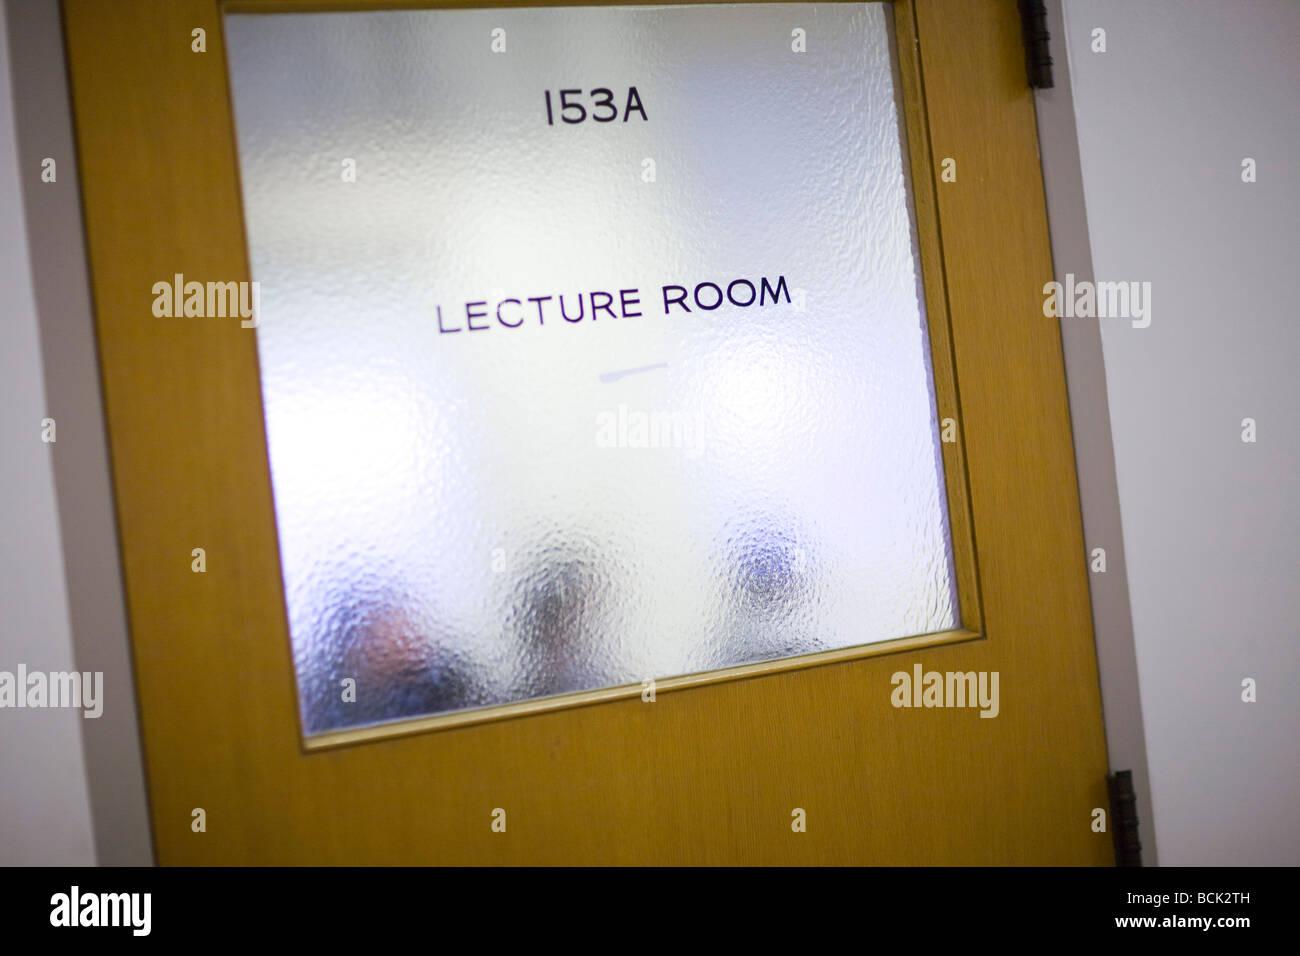 Tür zu einem Hörsaal einer Universität Stockbild